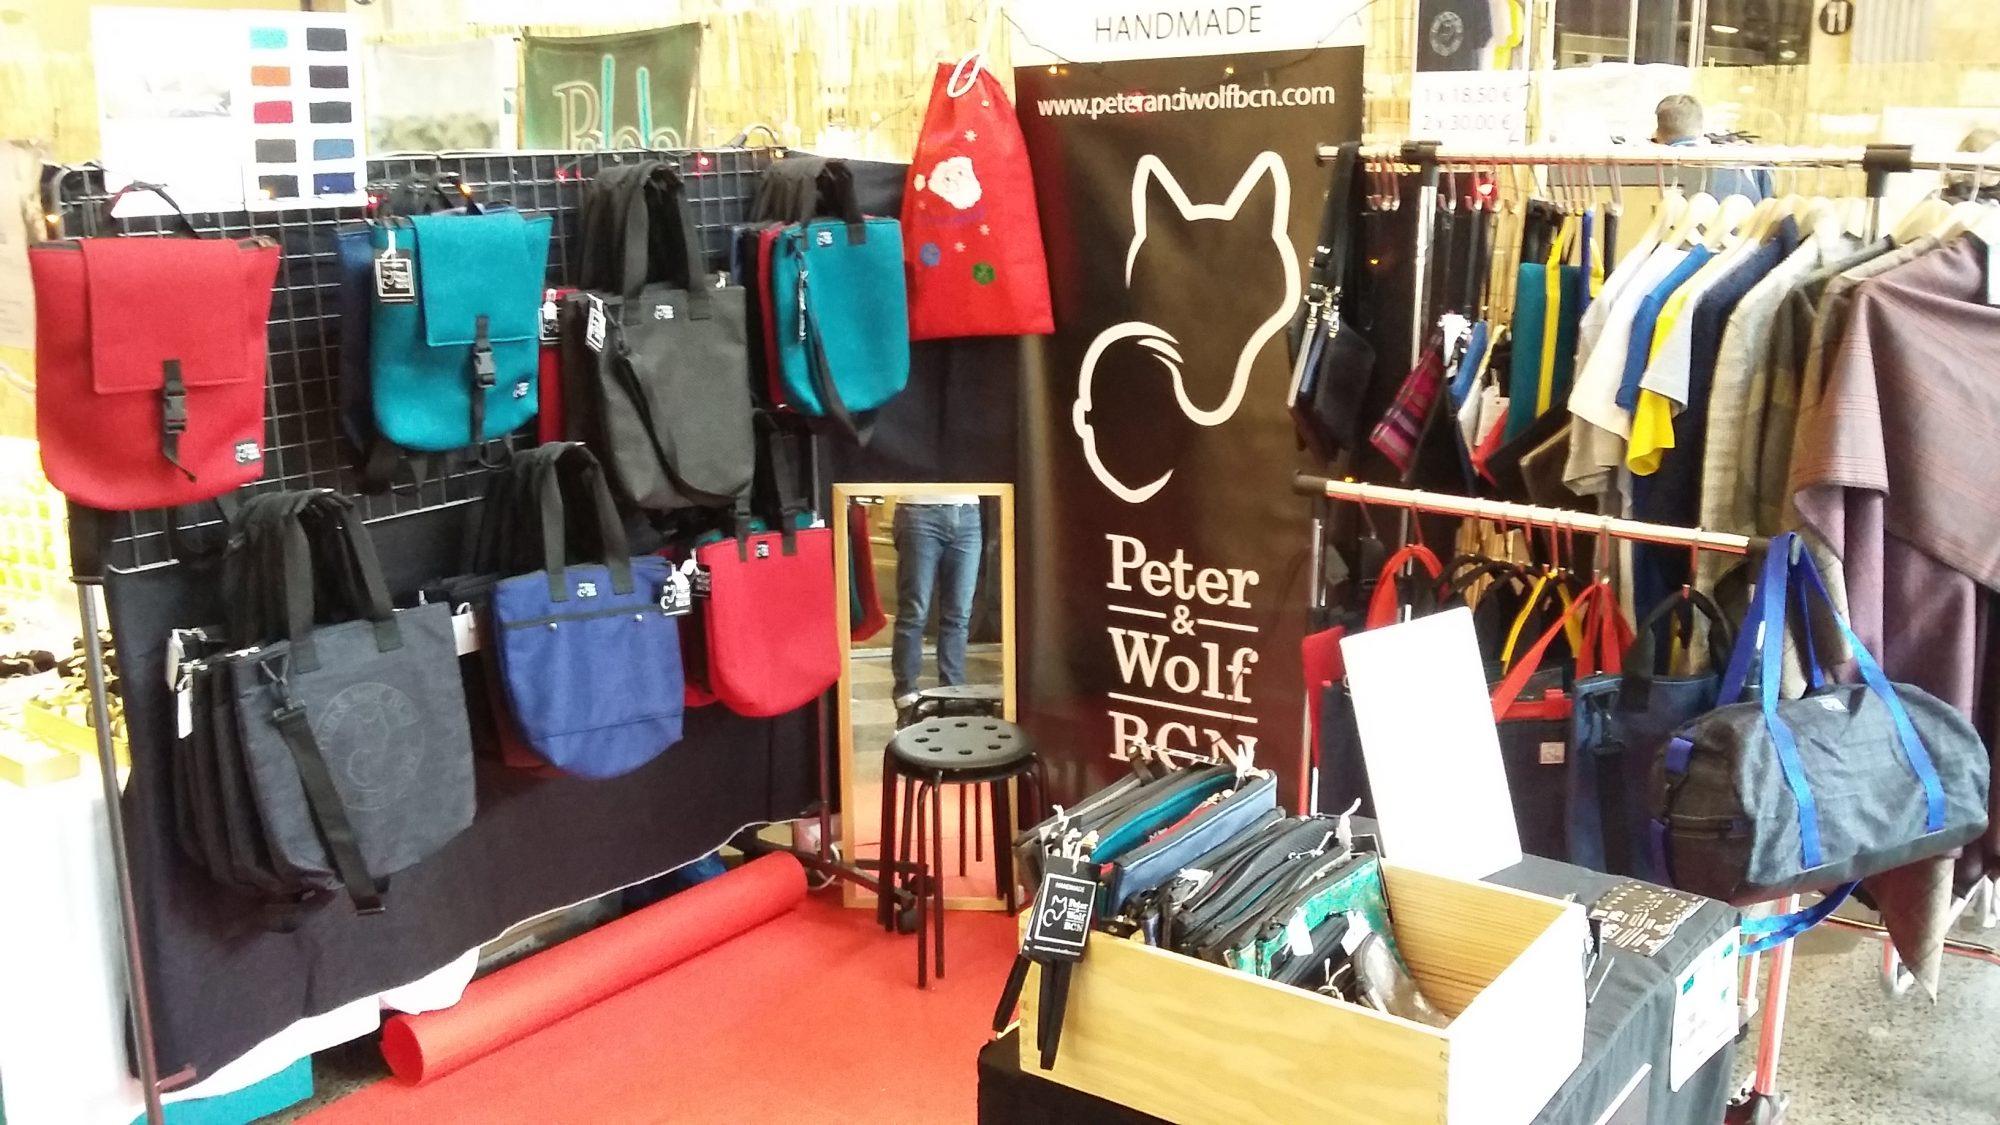 Buena acogida de Peter & Wolf BCN en los markets de diciembre 2017